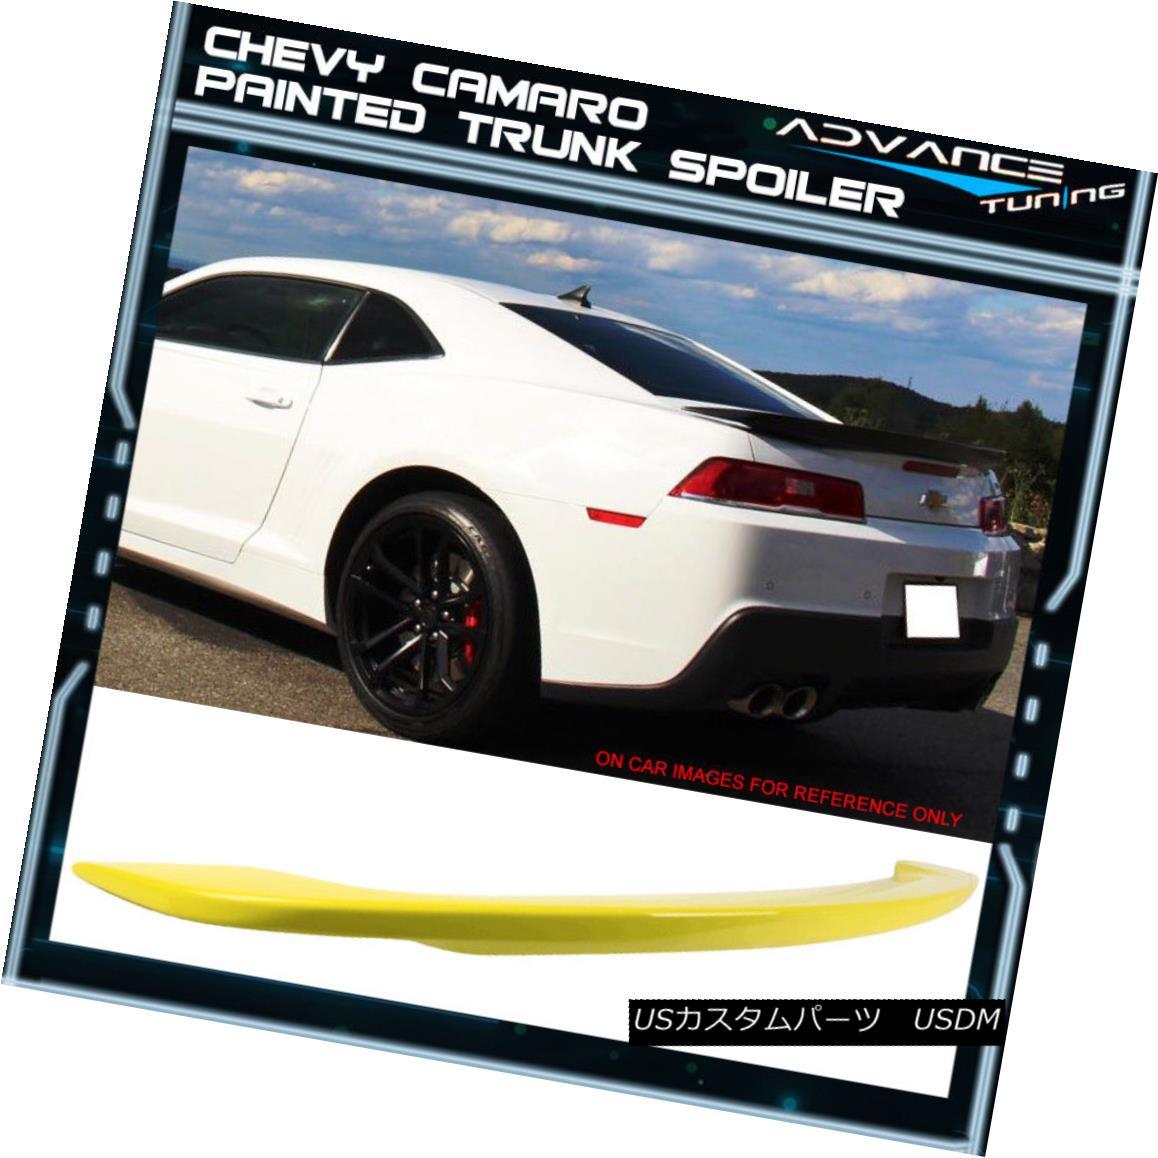 エアロパーツ 14-15 Chevy Camaro Factory Trunk Spoiler Painted Color #WA131X Lemon Peel 14-15シボレーカマロファクトリートランクスポイラー塗装色#WA131Xレモンピール